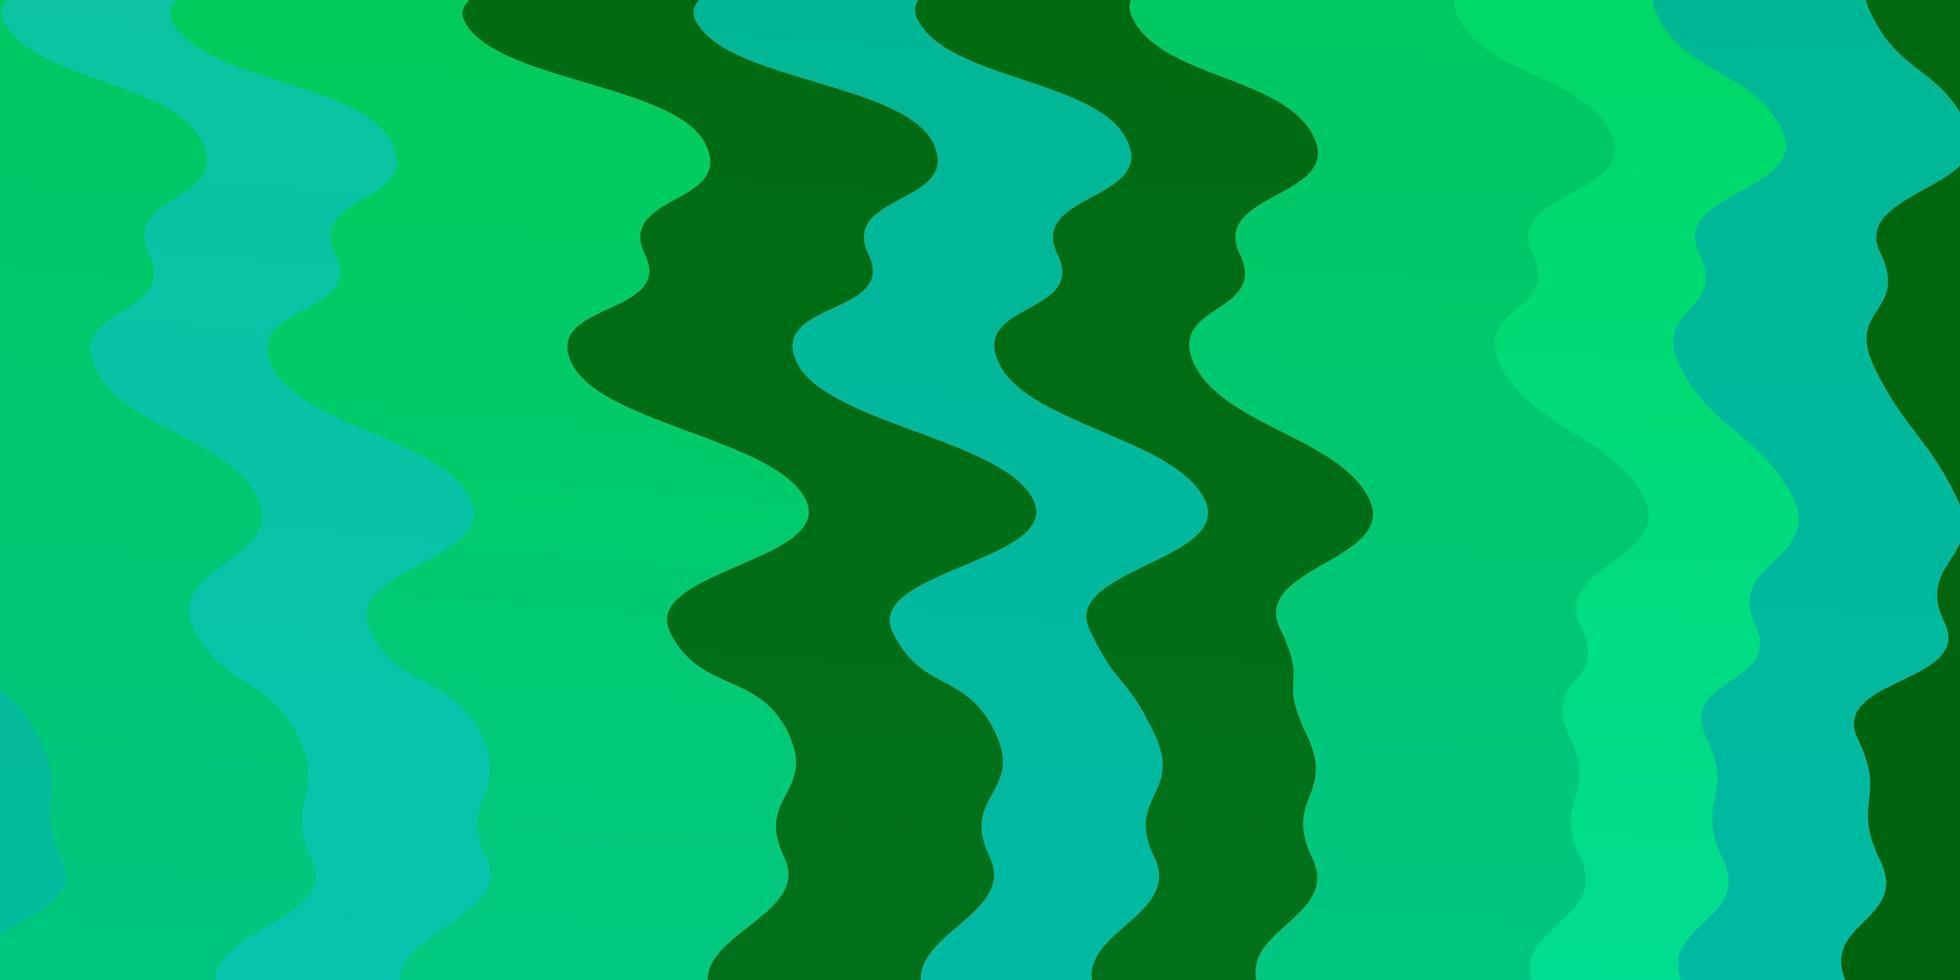 ljusgrön vektorbakgrund med kurvor. vektor